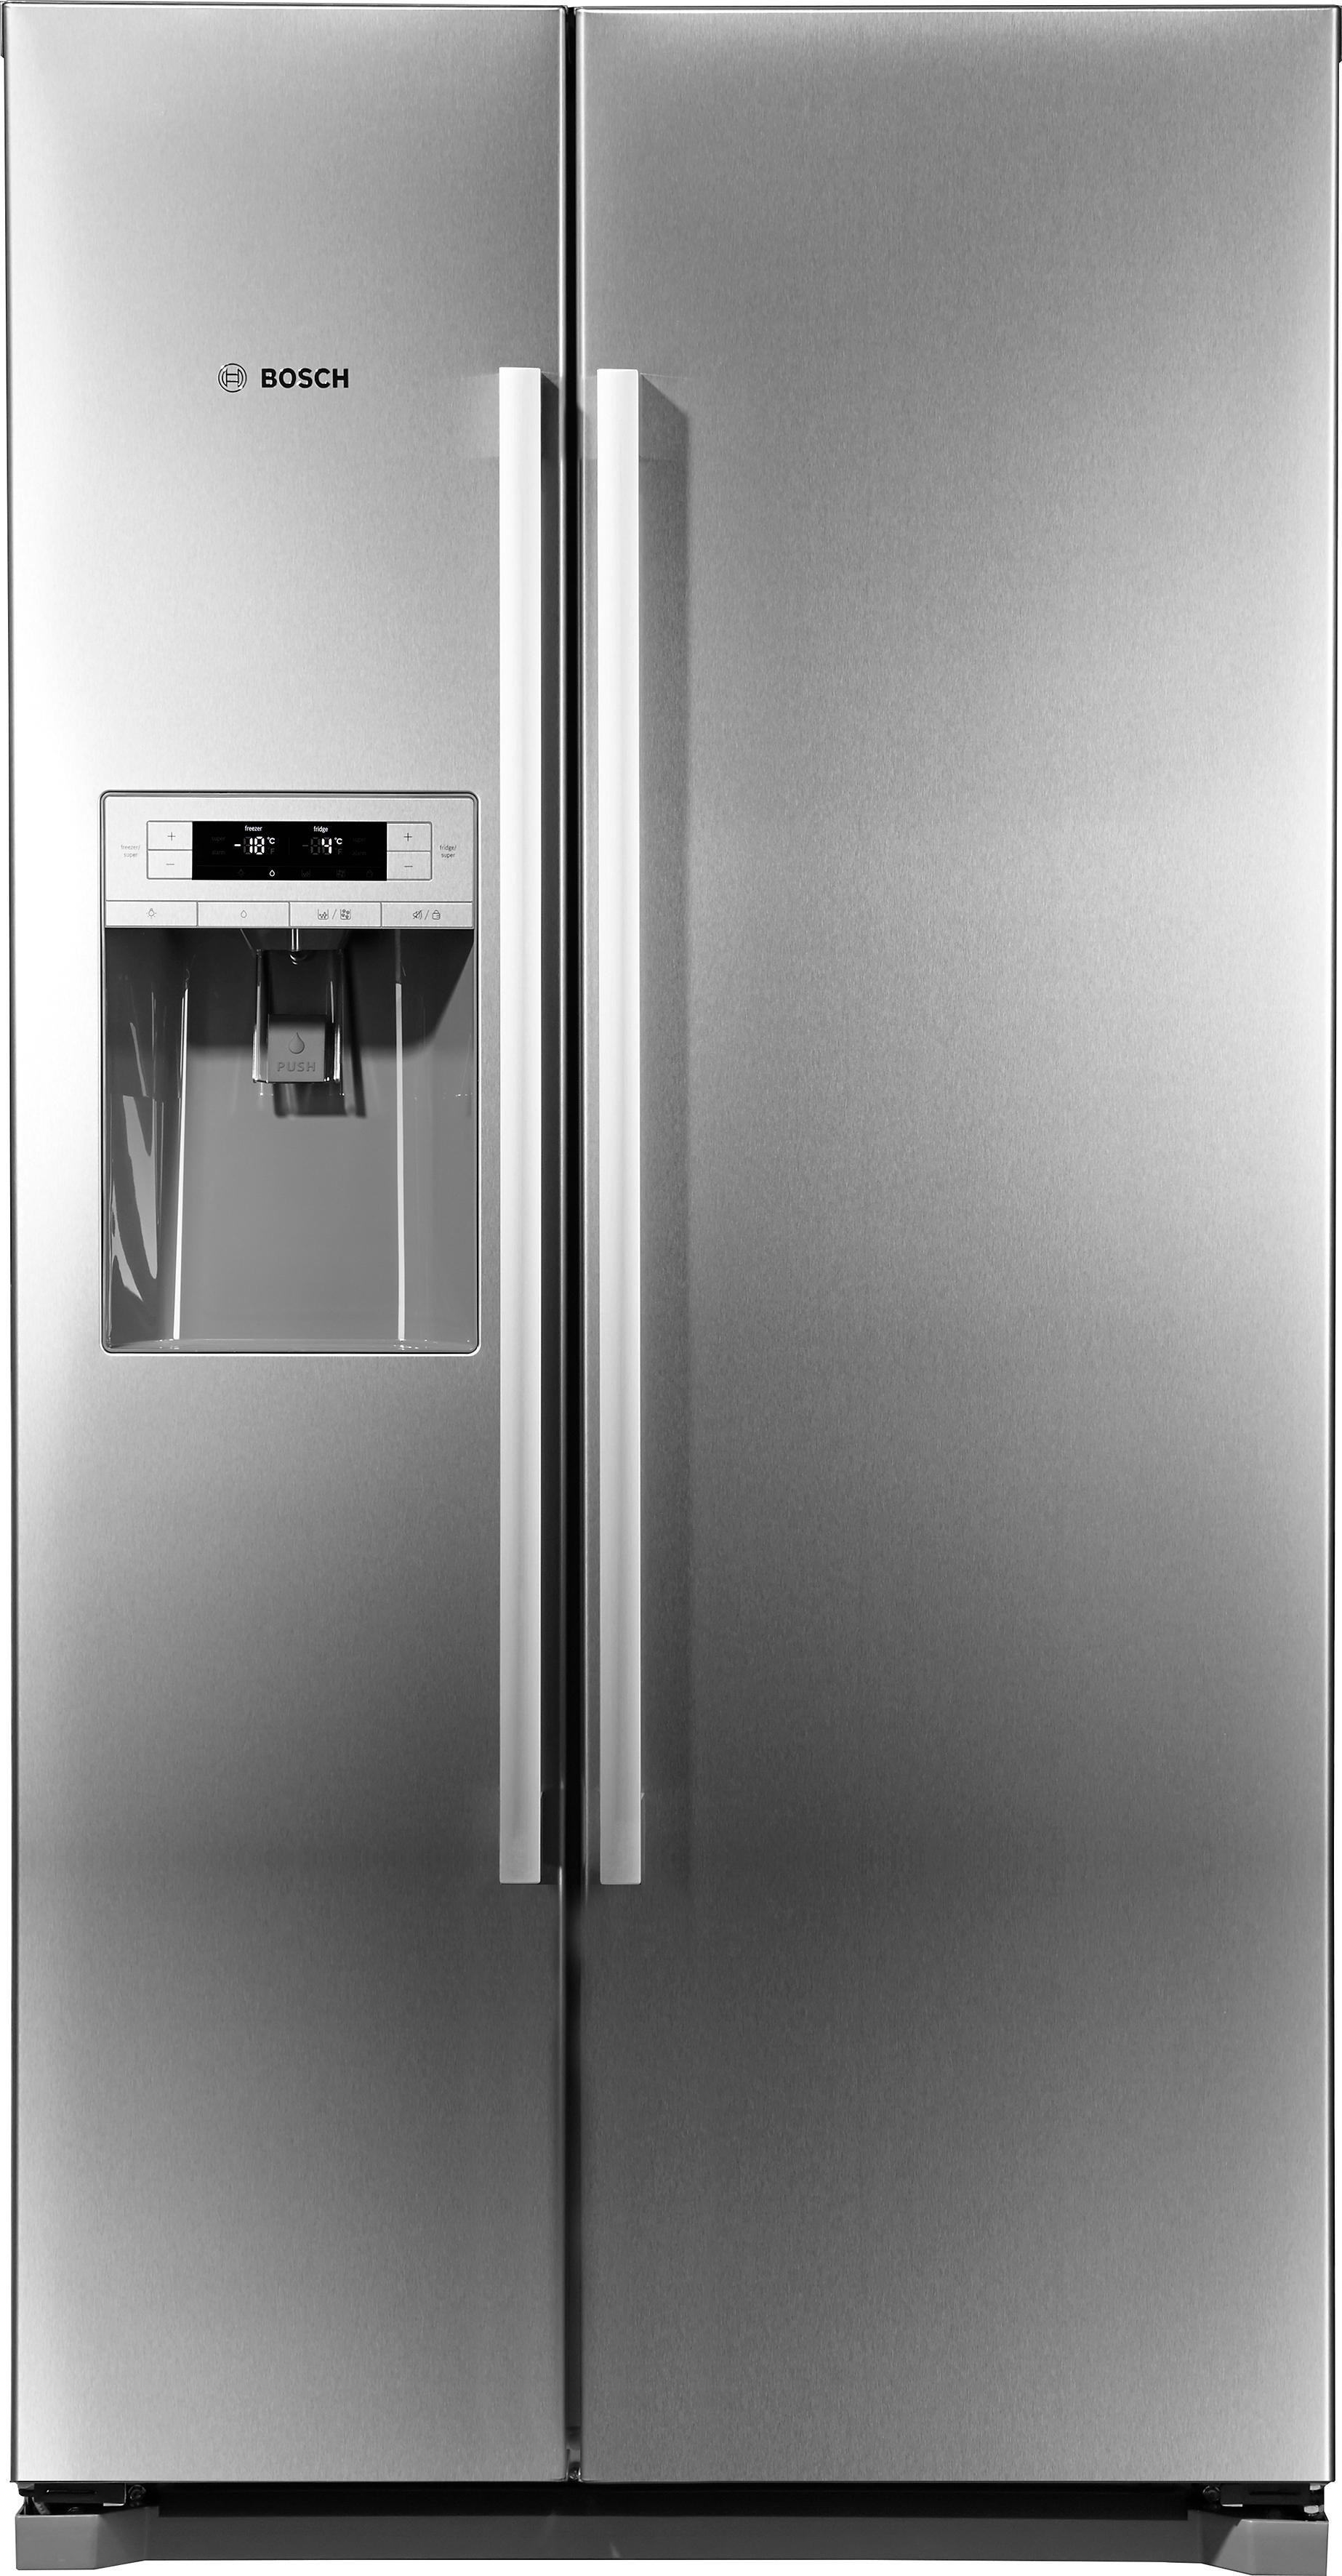 Bosch side-by-side-koelkast KAI90VI20, A+, 177 cm hoog, No Frost online kopen op otto.nl